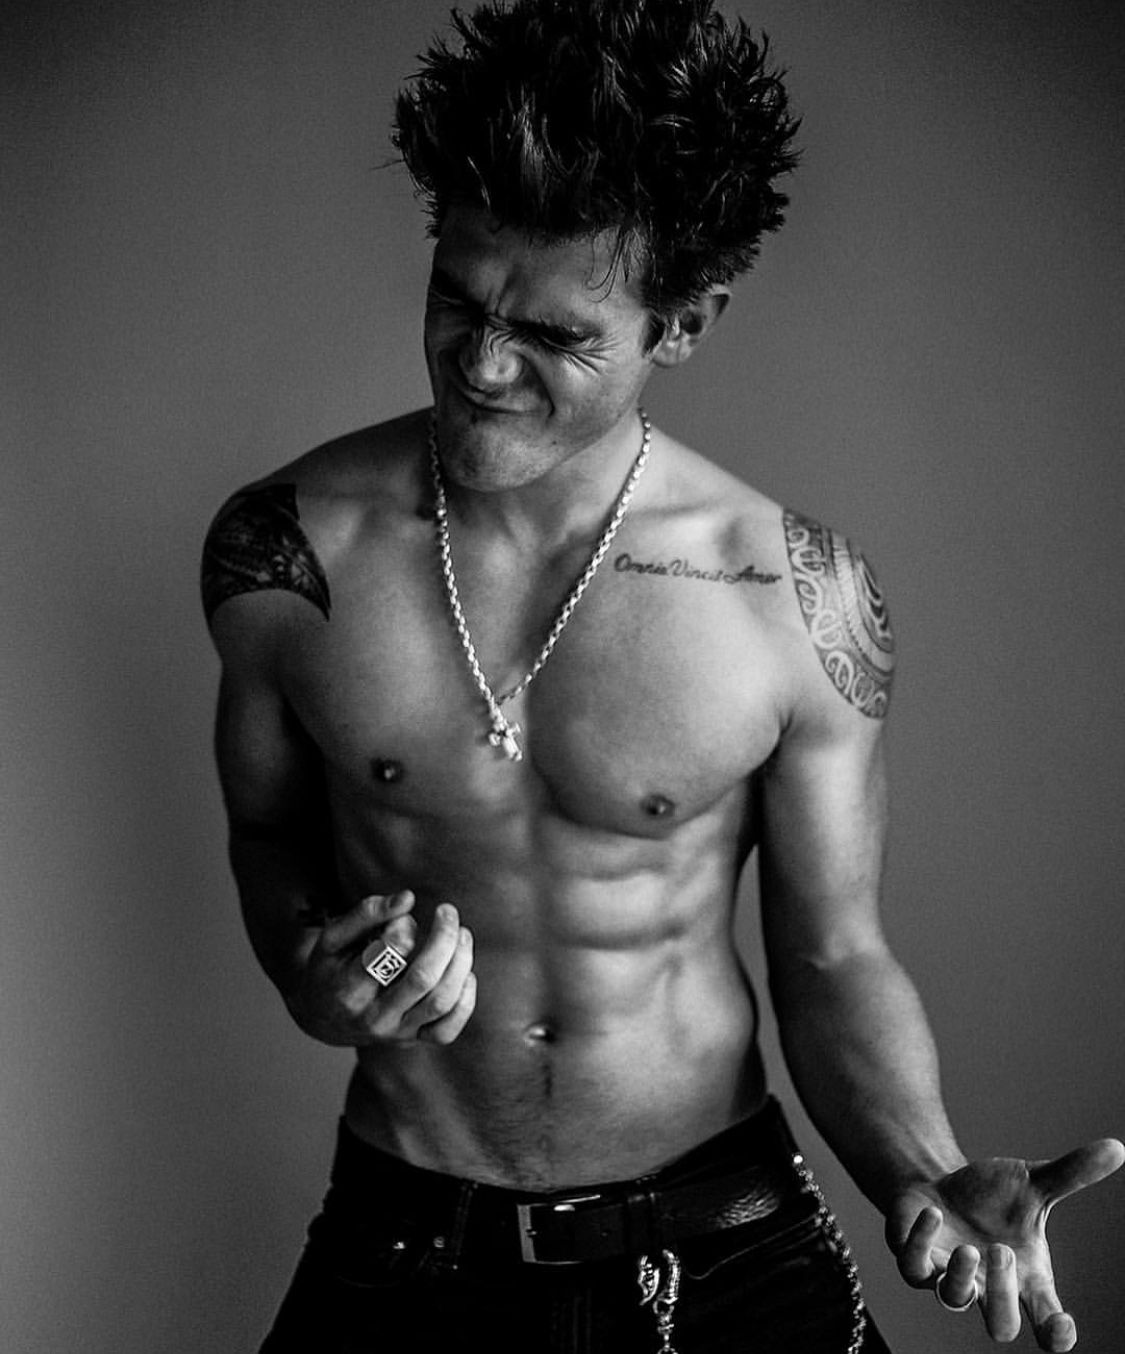 Pin by Speyton on KJ Apa | Shirtless men, Riverdale archie